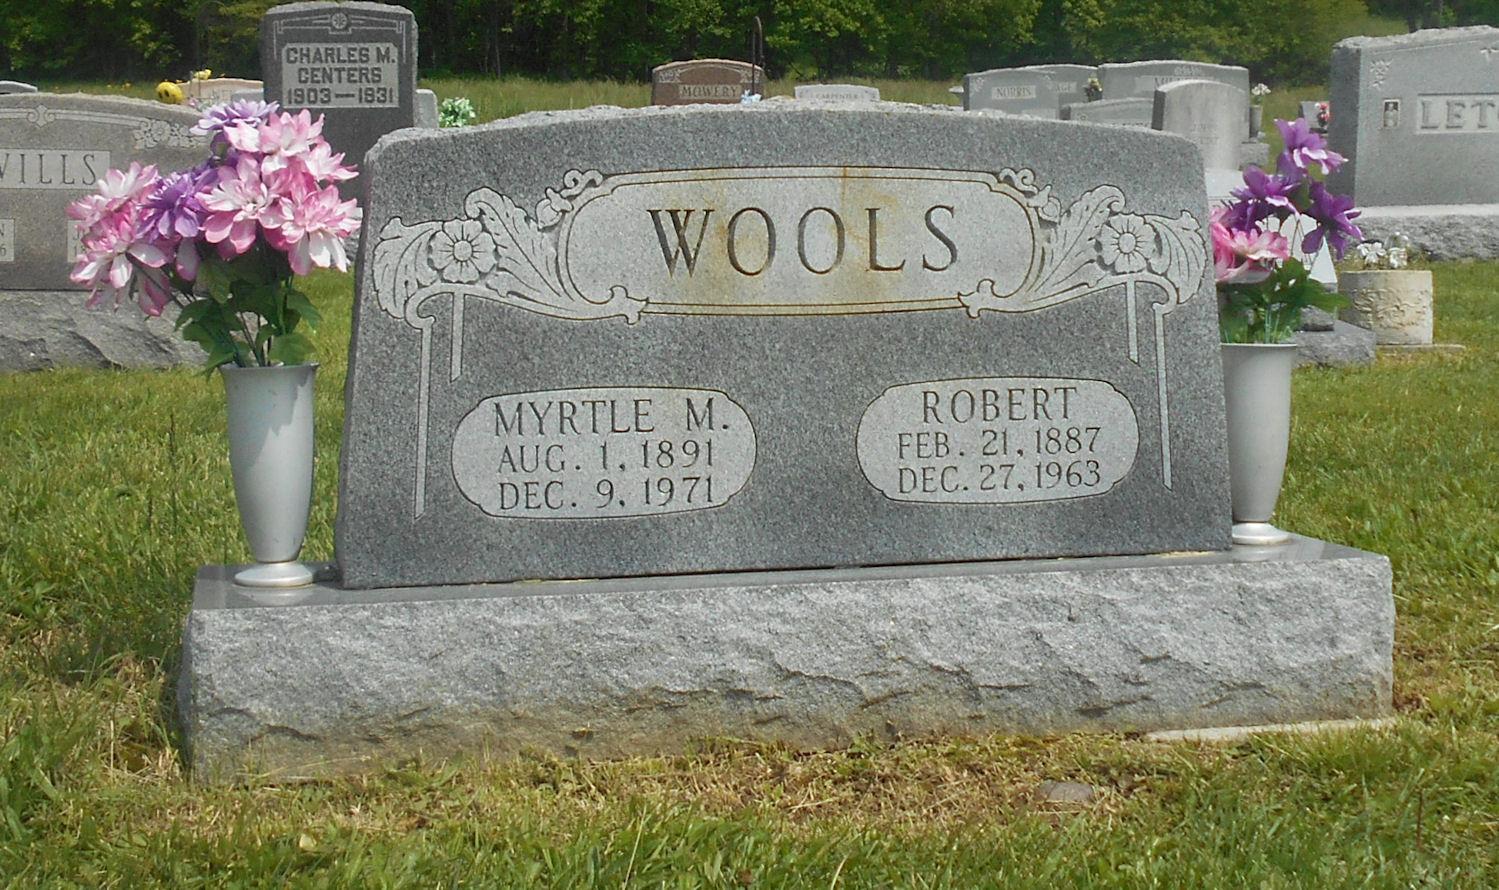 Robert Wools